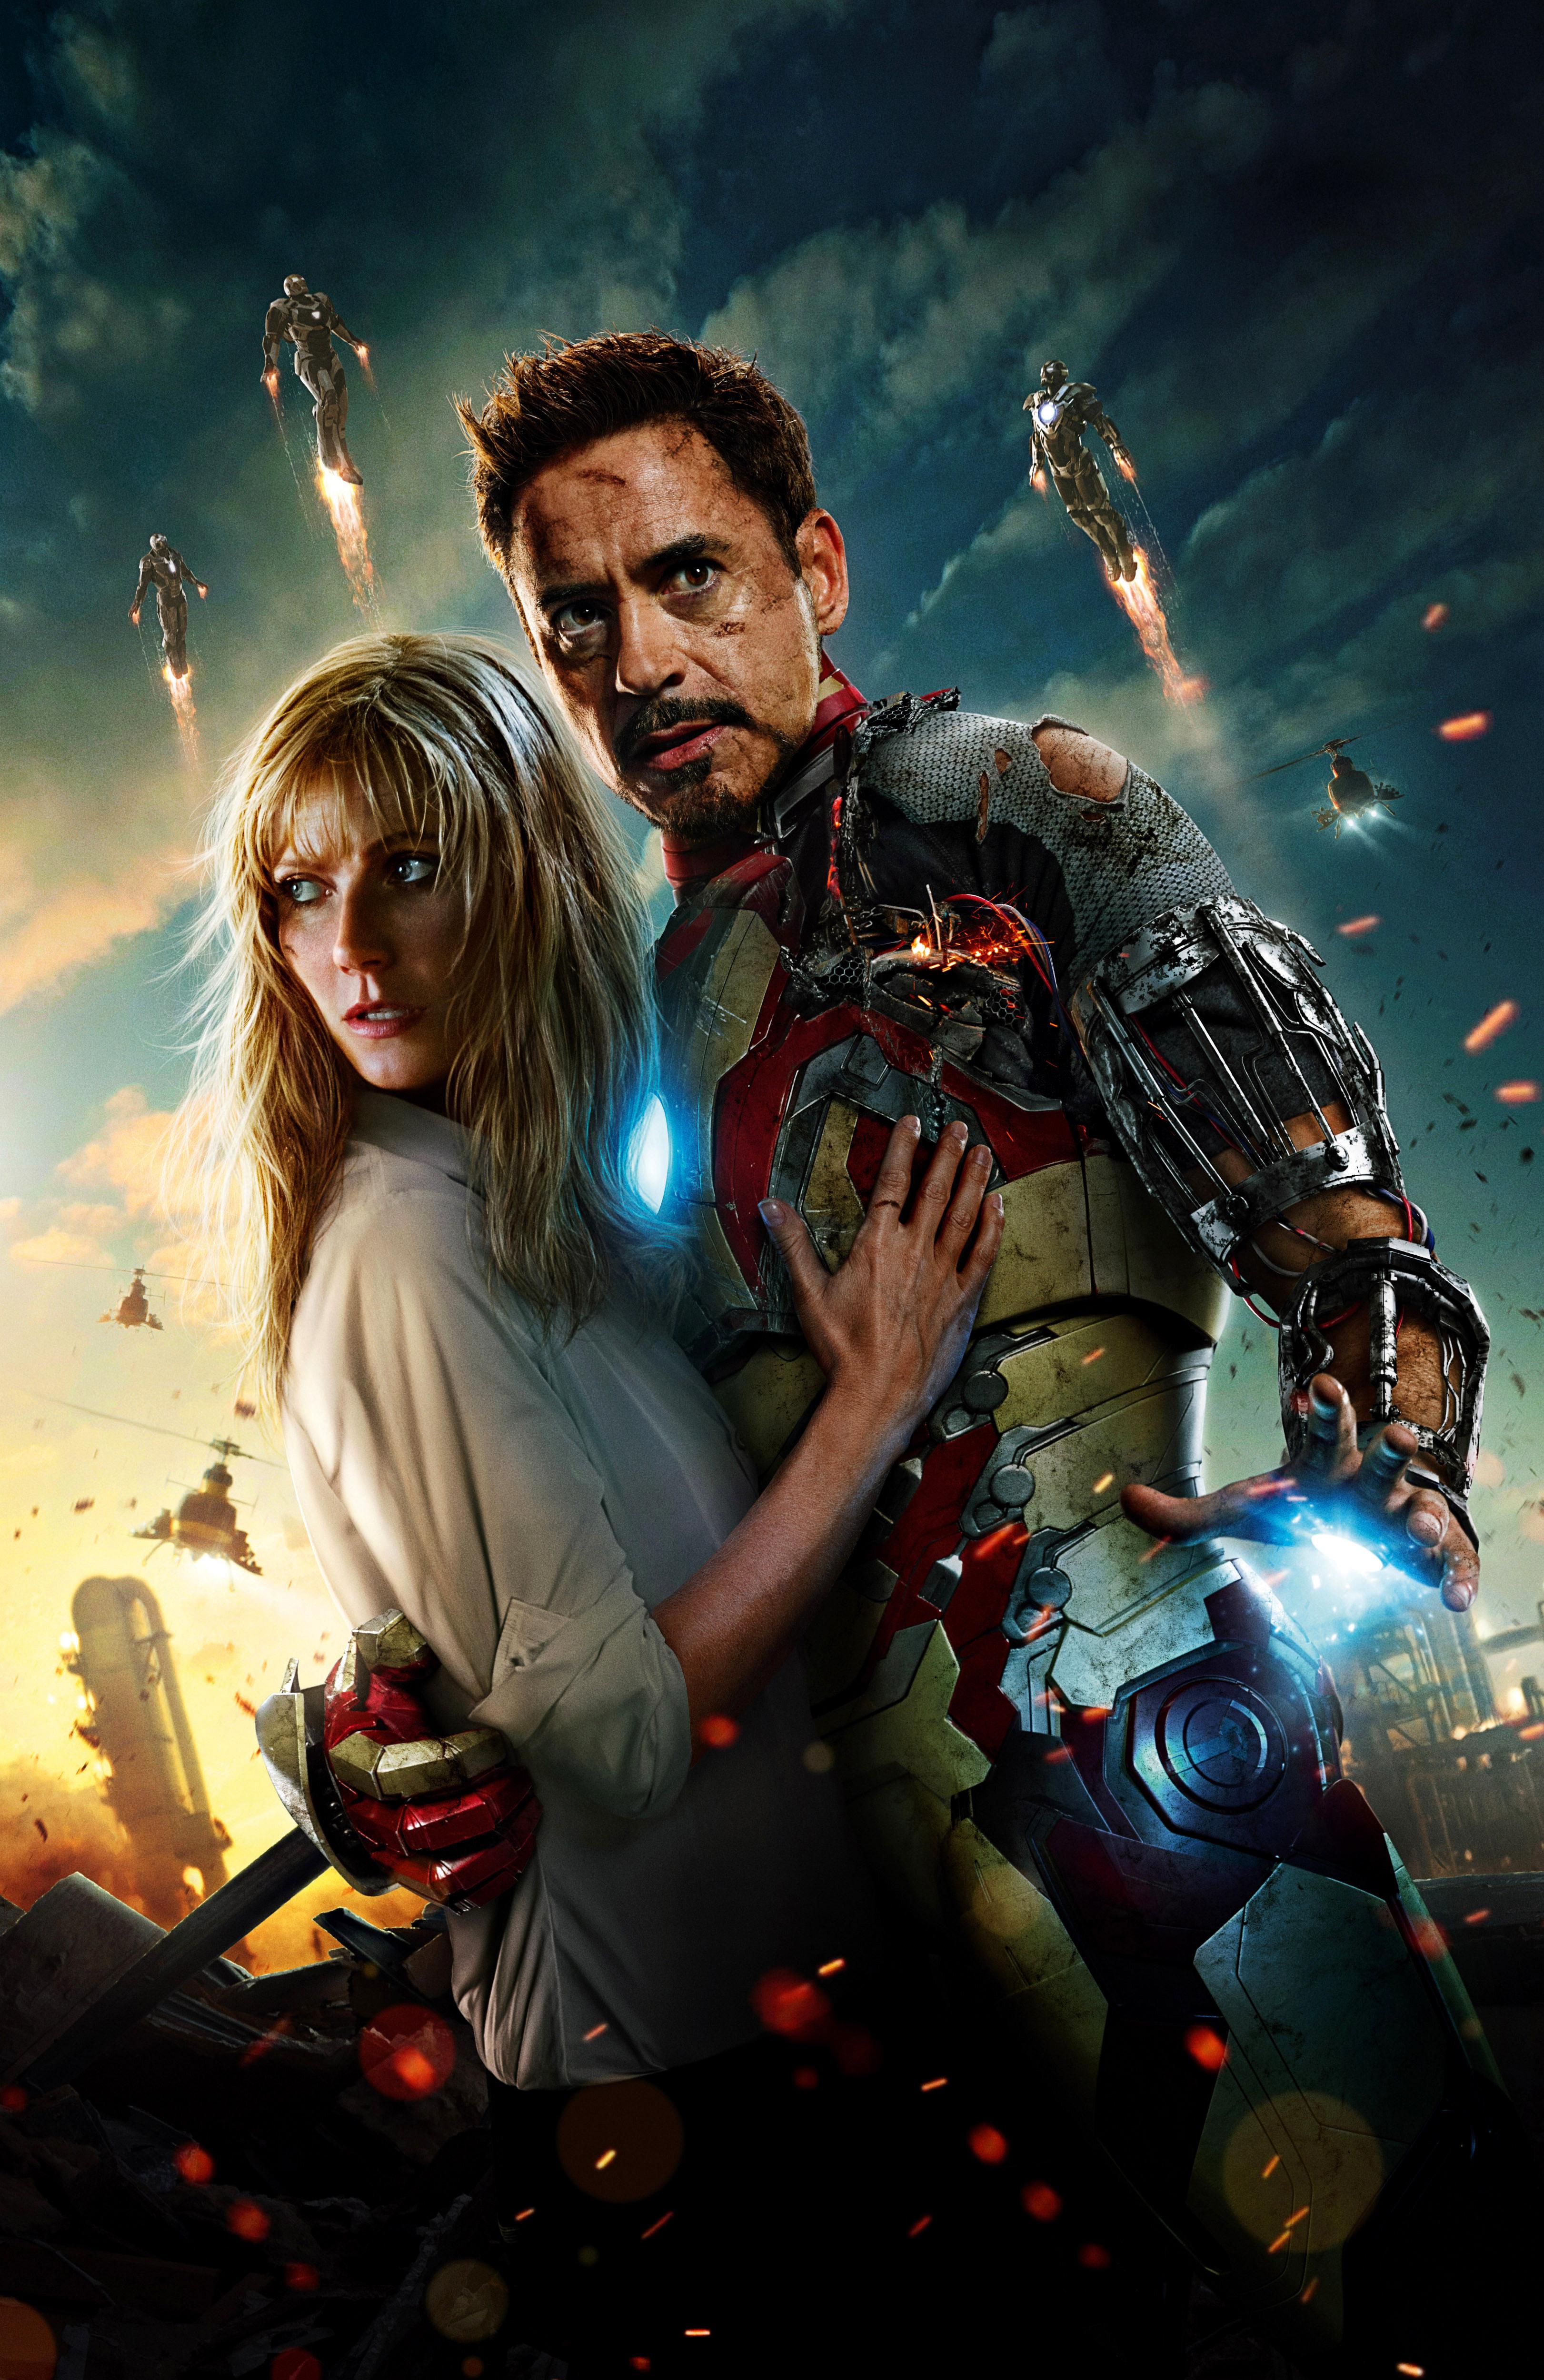 16366 скачать обои Актеры, Железный Человек (Iron Man), Люди, Кино - заставки и картинки бесплатно